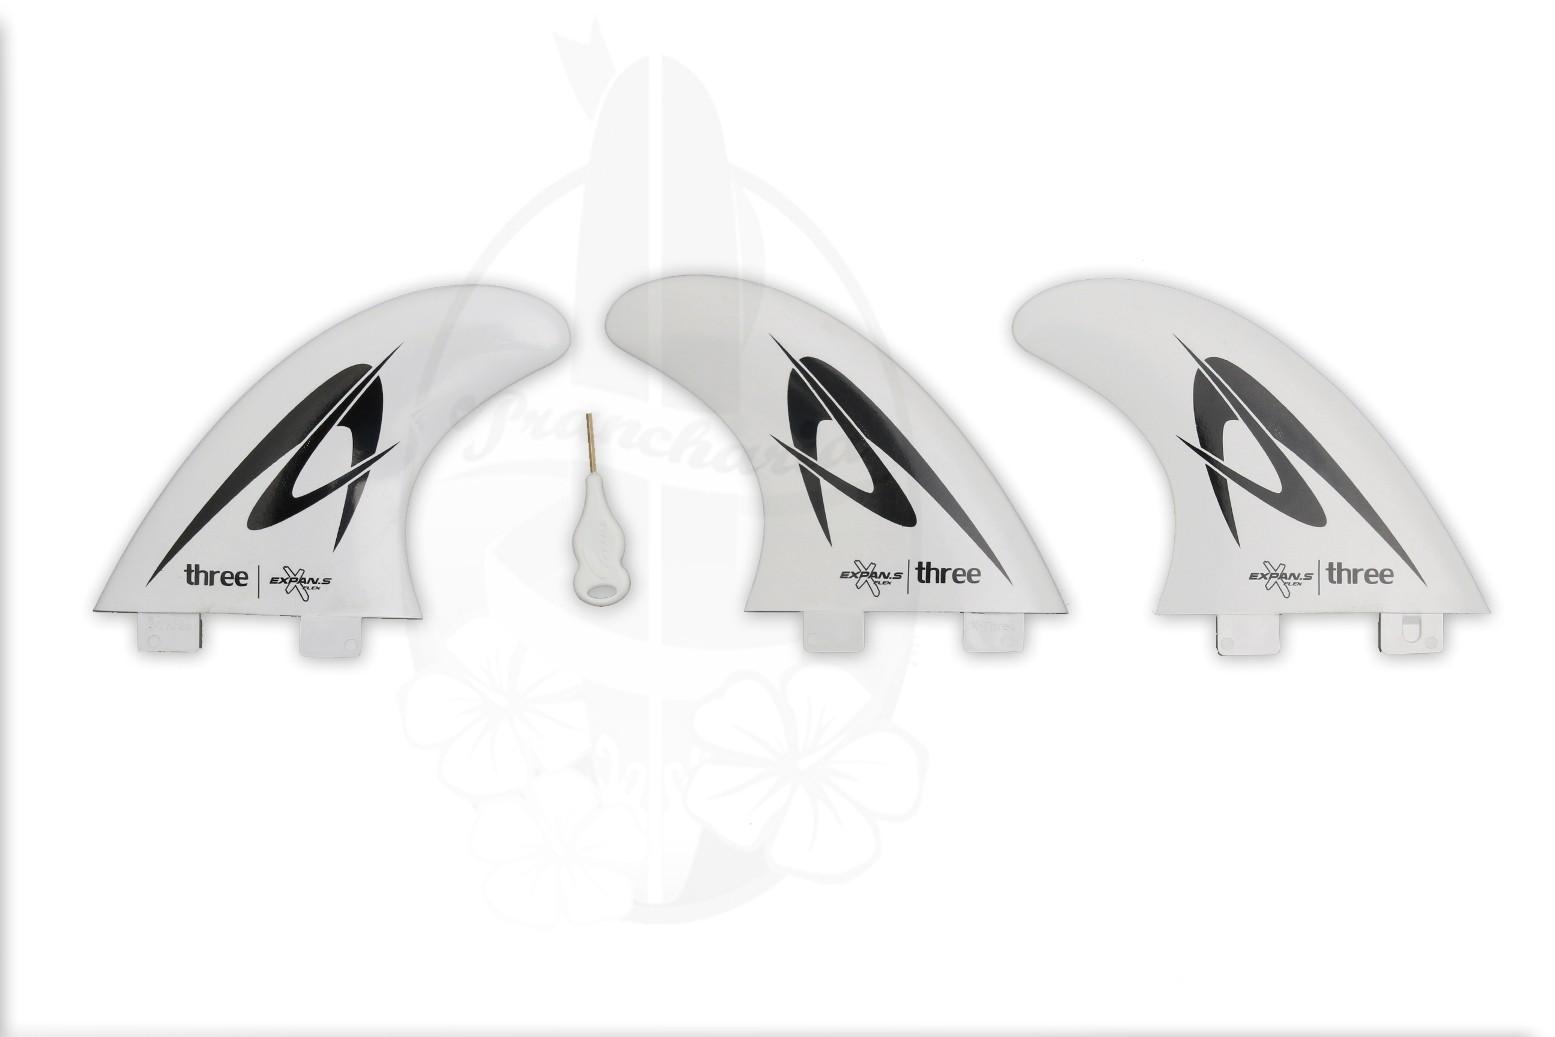 Quilhas Expans Three - Branca | Prancharia